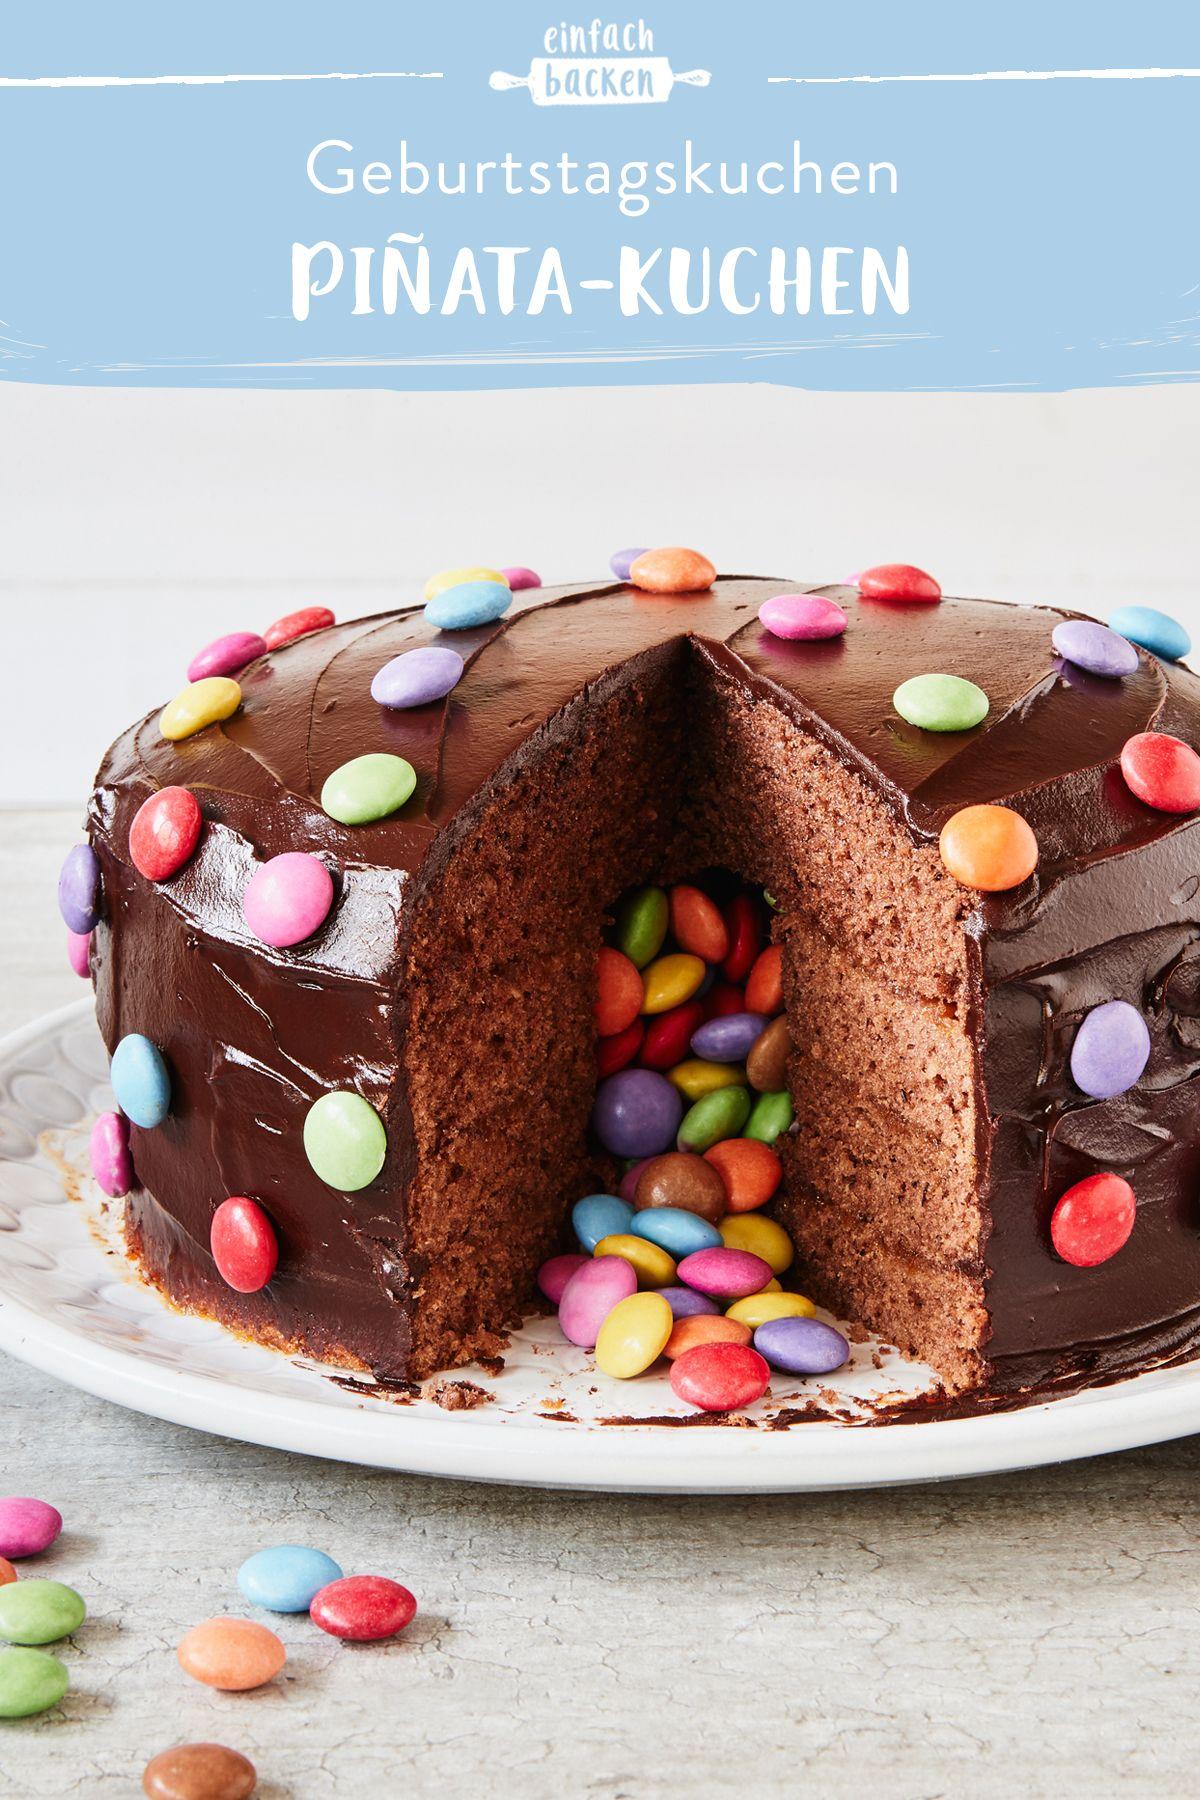 Pinata Kuchen Rezept Zum Selbermachen Die Besten Backrezepte Mit Gelinggarantie Rezept In 2020 Pinata Kuchen Einfach Backen Kindertorte